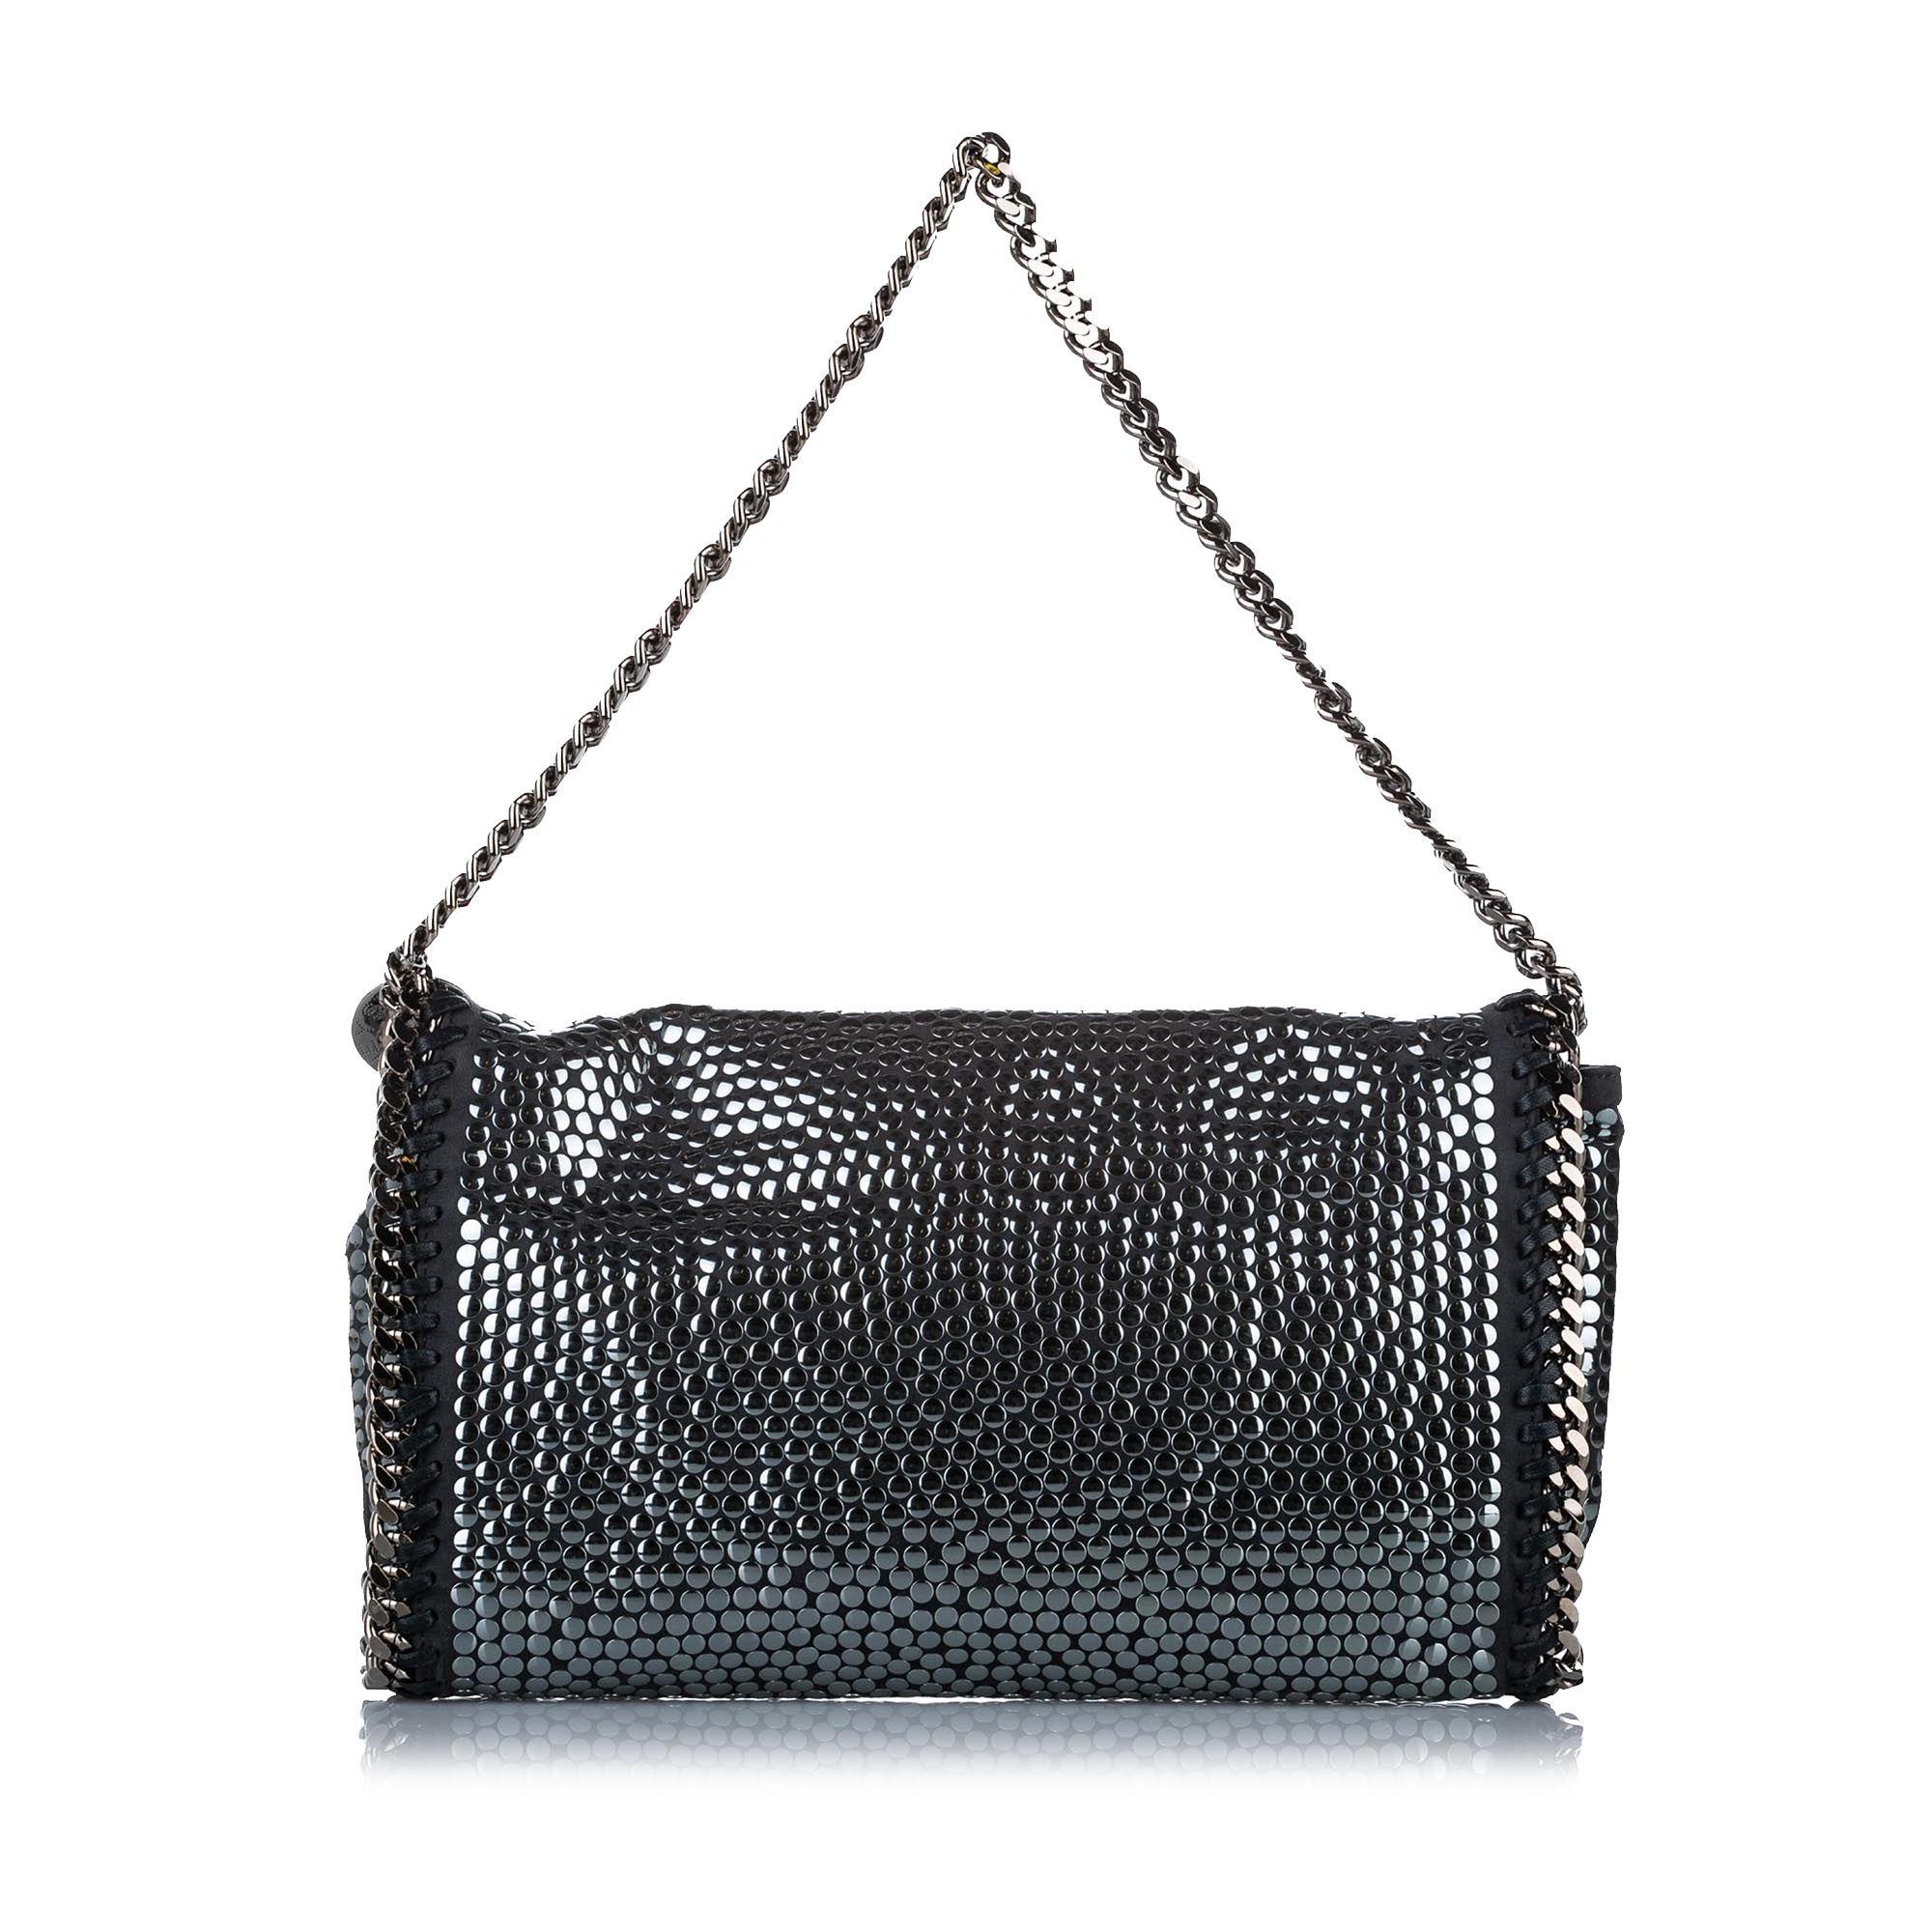 Vintage Stella McCartney Studded Falabella Shoulder Bag Black